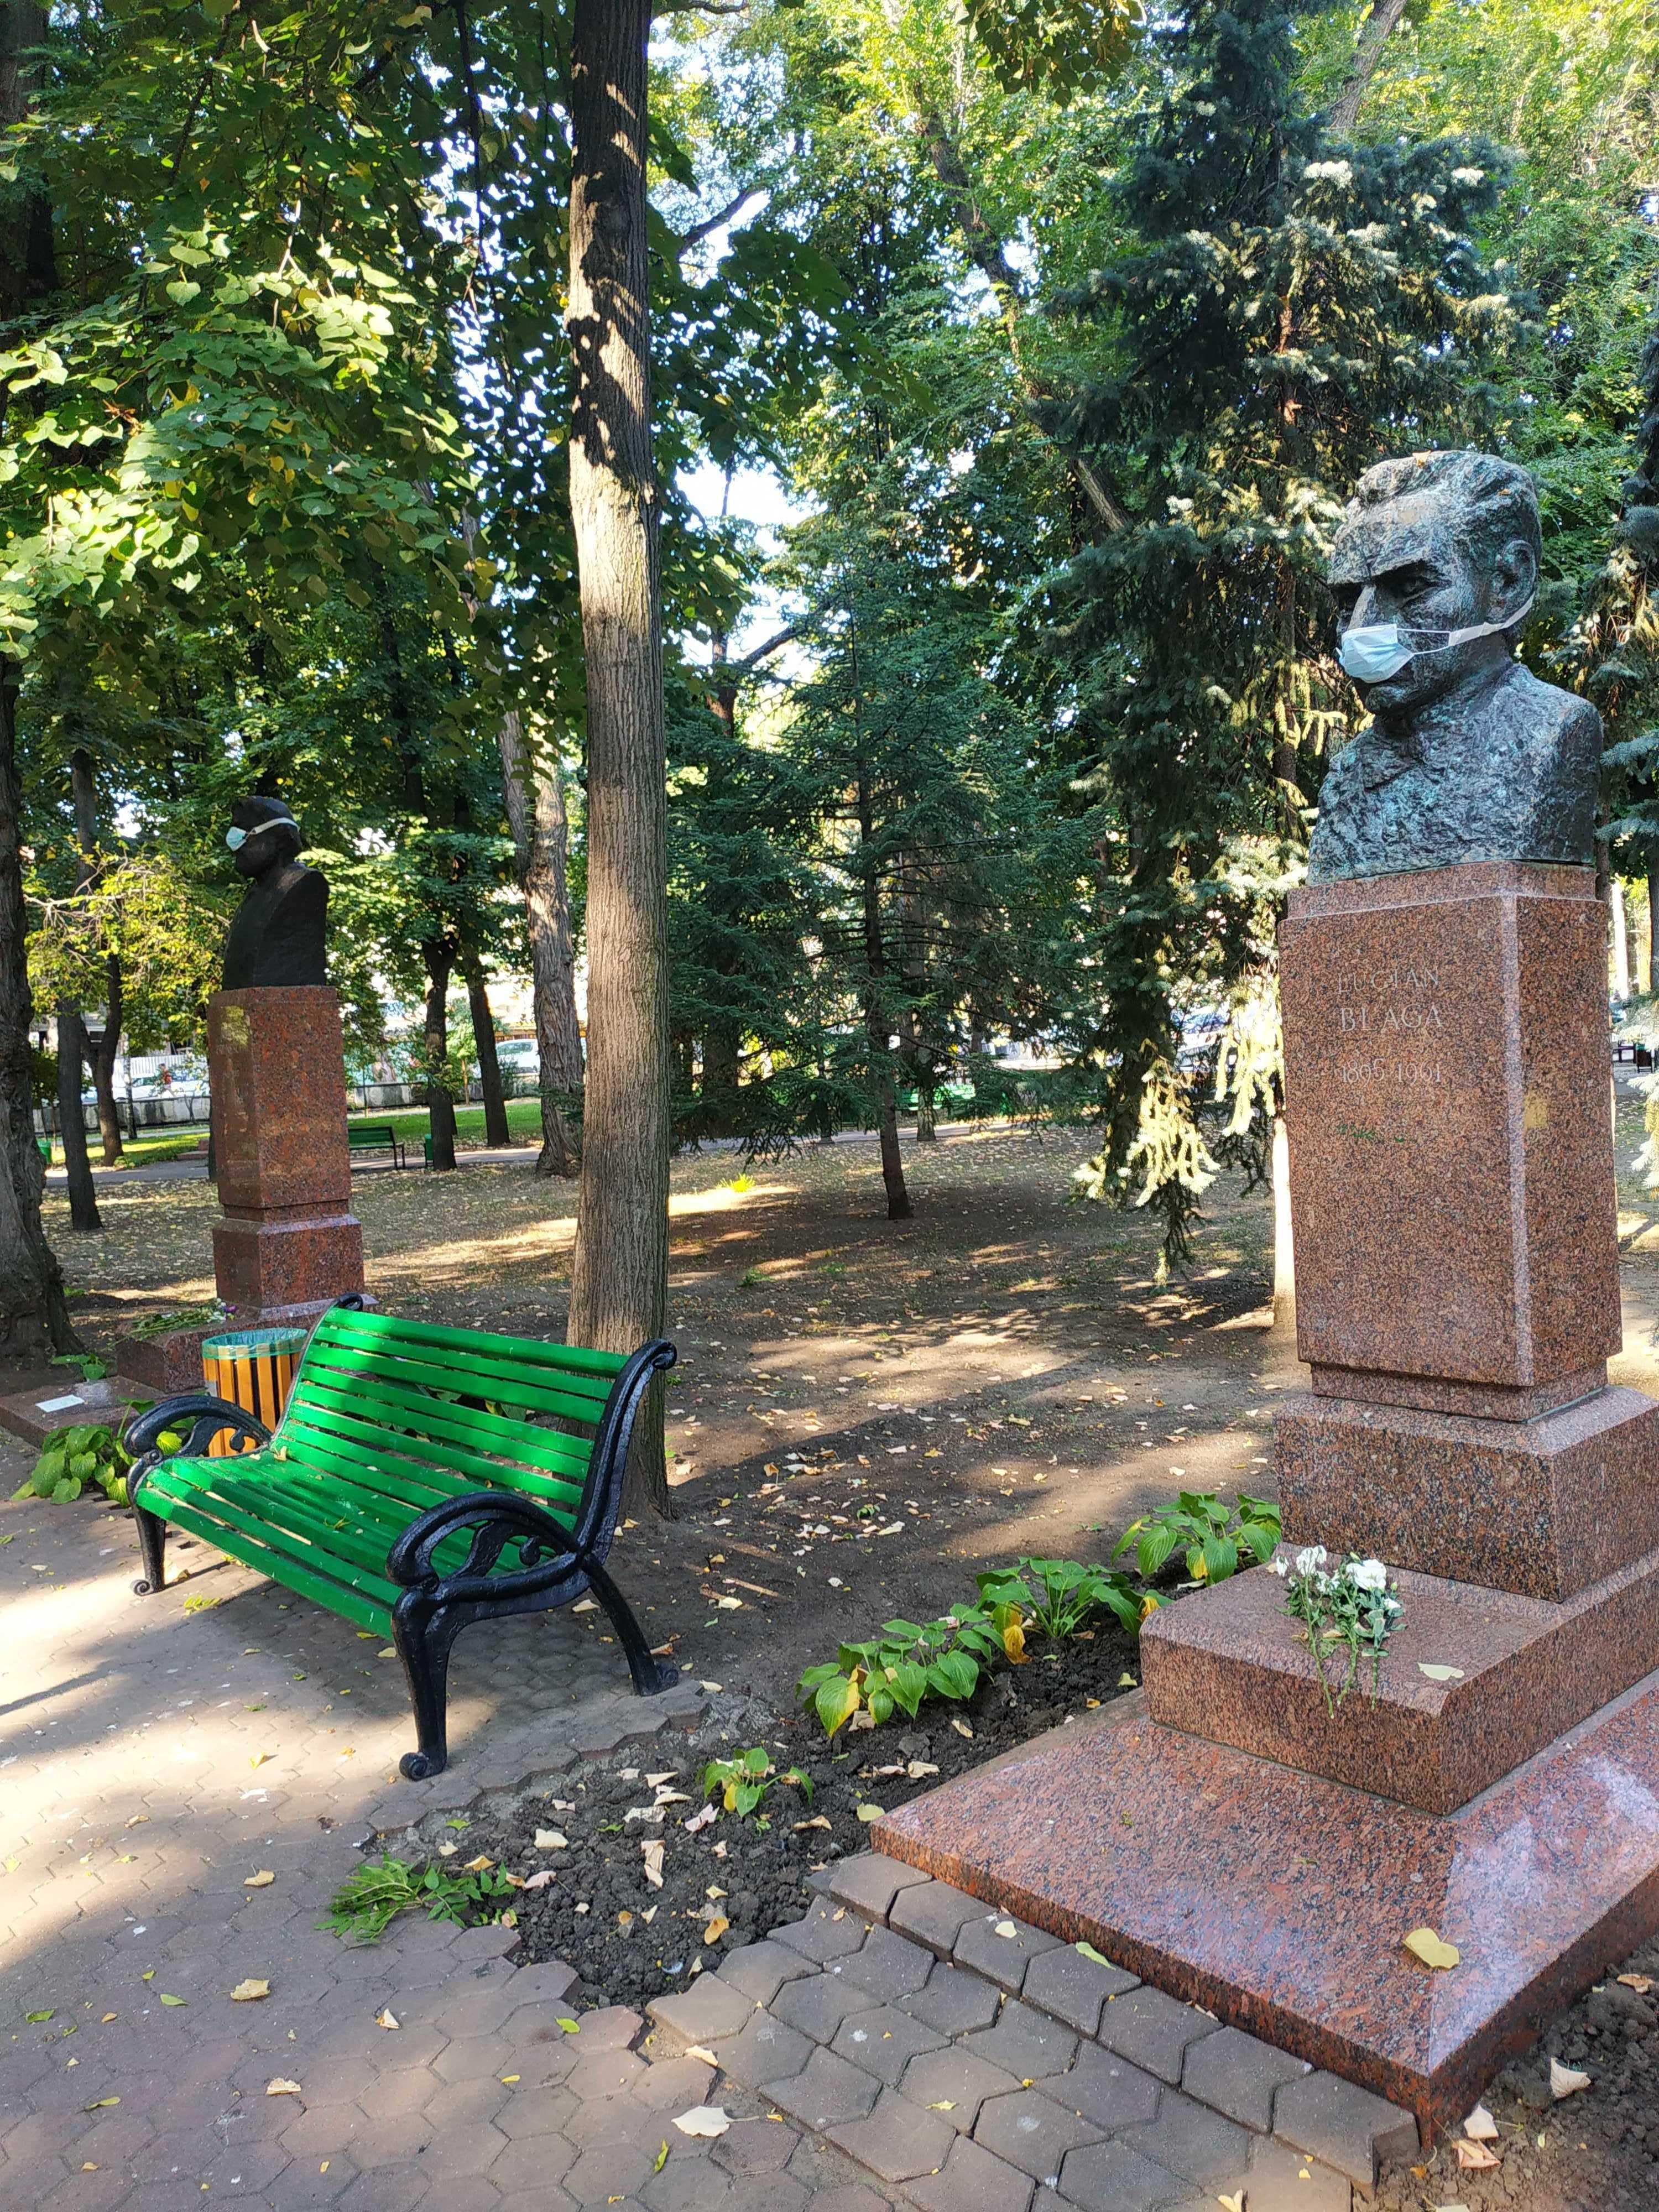 ВКишиневе наАллее классиков налица памятников писателям надели маски. Водном абзаце и3фото